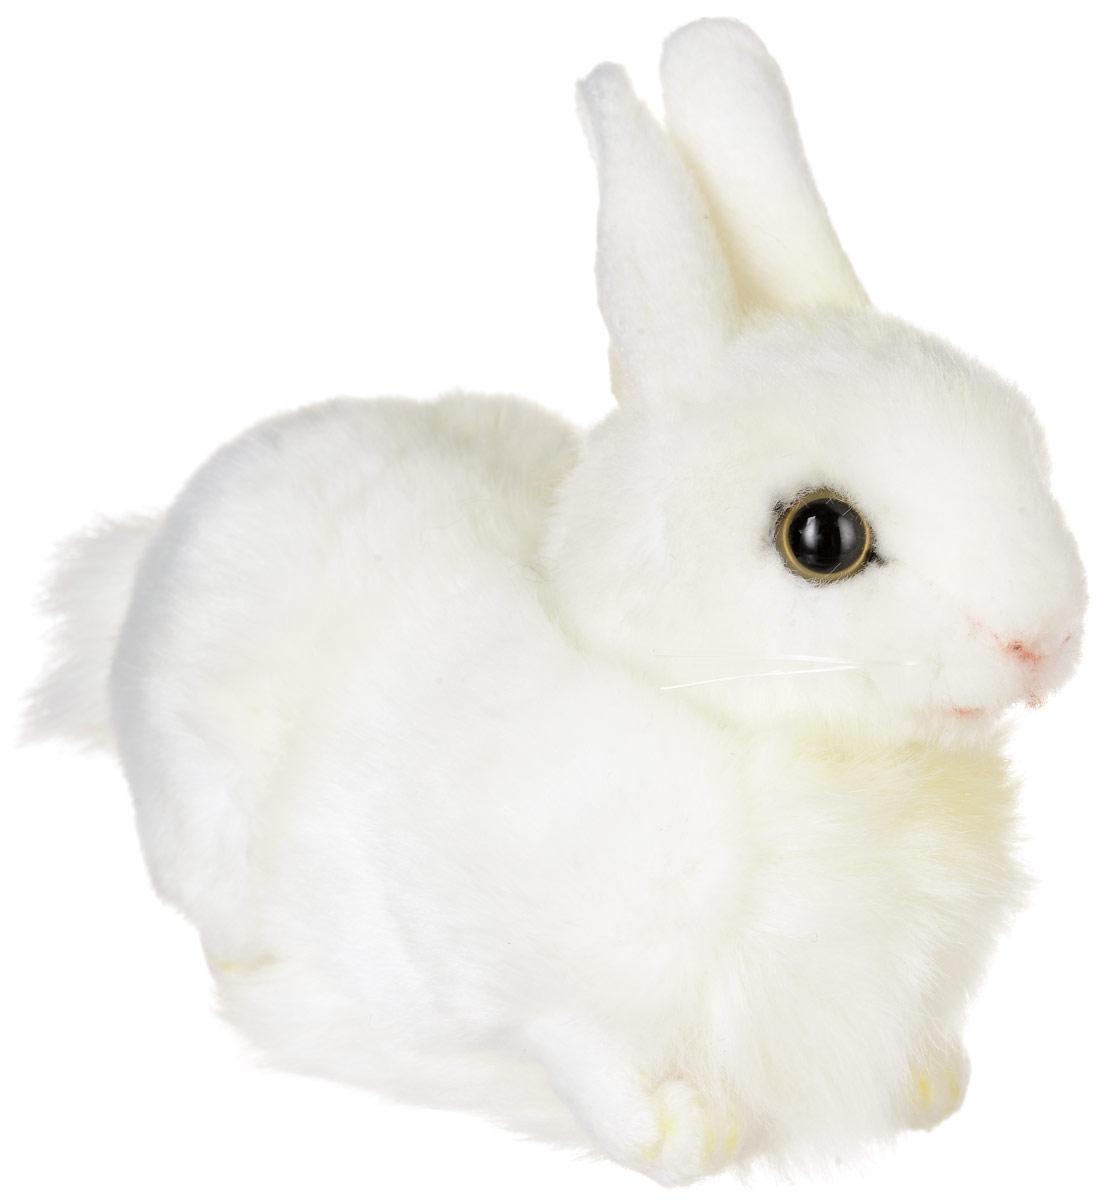 Hansa Toys Мягкая игрушка Кролик 17 см2832Кролики принадлежат к семейству зайцевых, длина их тела составляет 30-60 см, вес колеблется от 1 до 5 кг. Уши у них длинные (не менее 50% длины головы), заостренные на конце, у основания они образуют трубку. Задние ноги у большинства видов значительно длиннее передних. Кролики распространены по всему миру. Они питаются преимущественно по ночам, в основном травами, корой деревьев и овощами. Кролики отличаются от зайцев тем, что их детеныши обычно рождаются слепыми и голыми и выращиваются в норах. Живет кролик в среднем около 10 лет. Мягкая игрушка Hansa Toys Кролик обязательно понравится вам и вашему малышу, а также познакомит вас с этим животным.